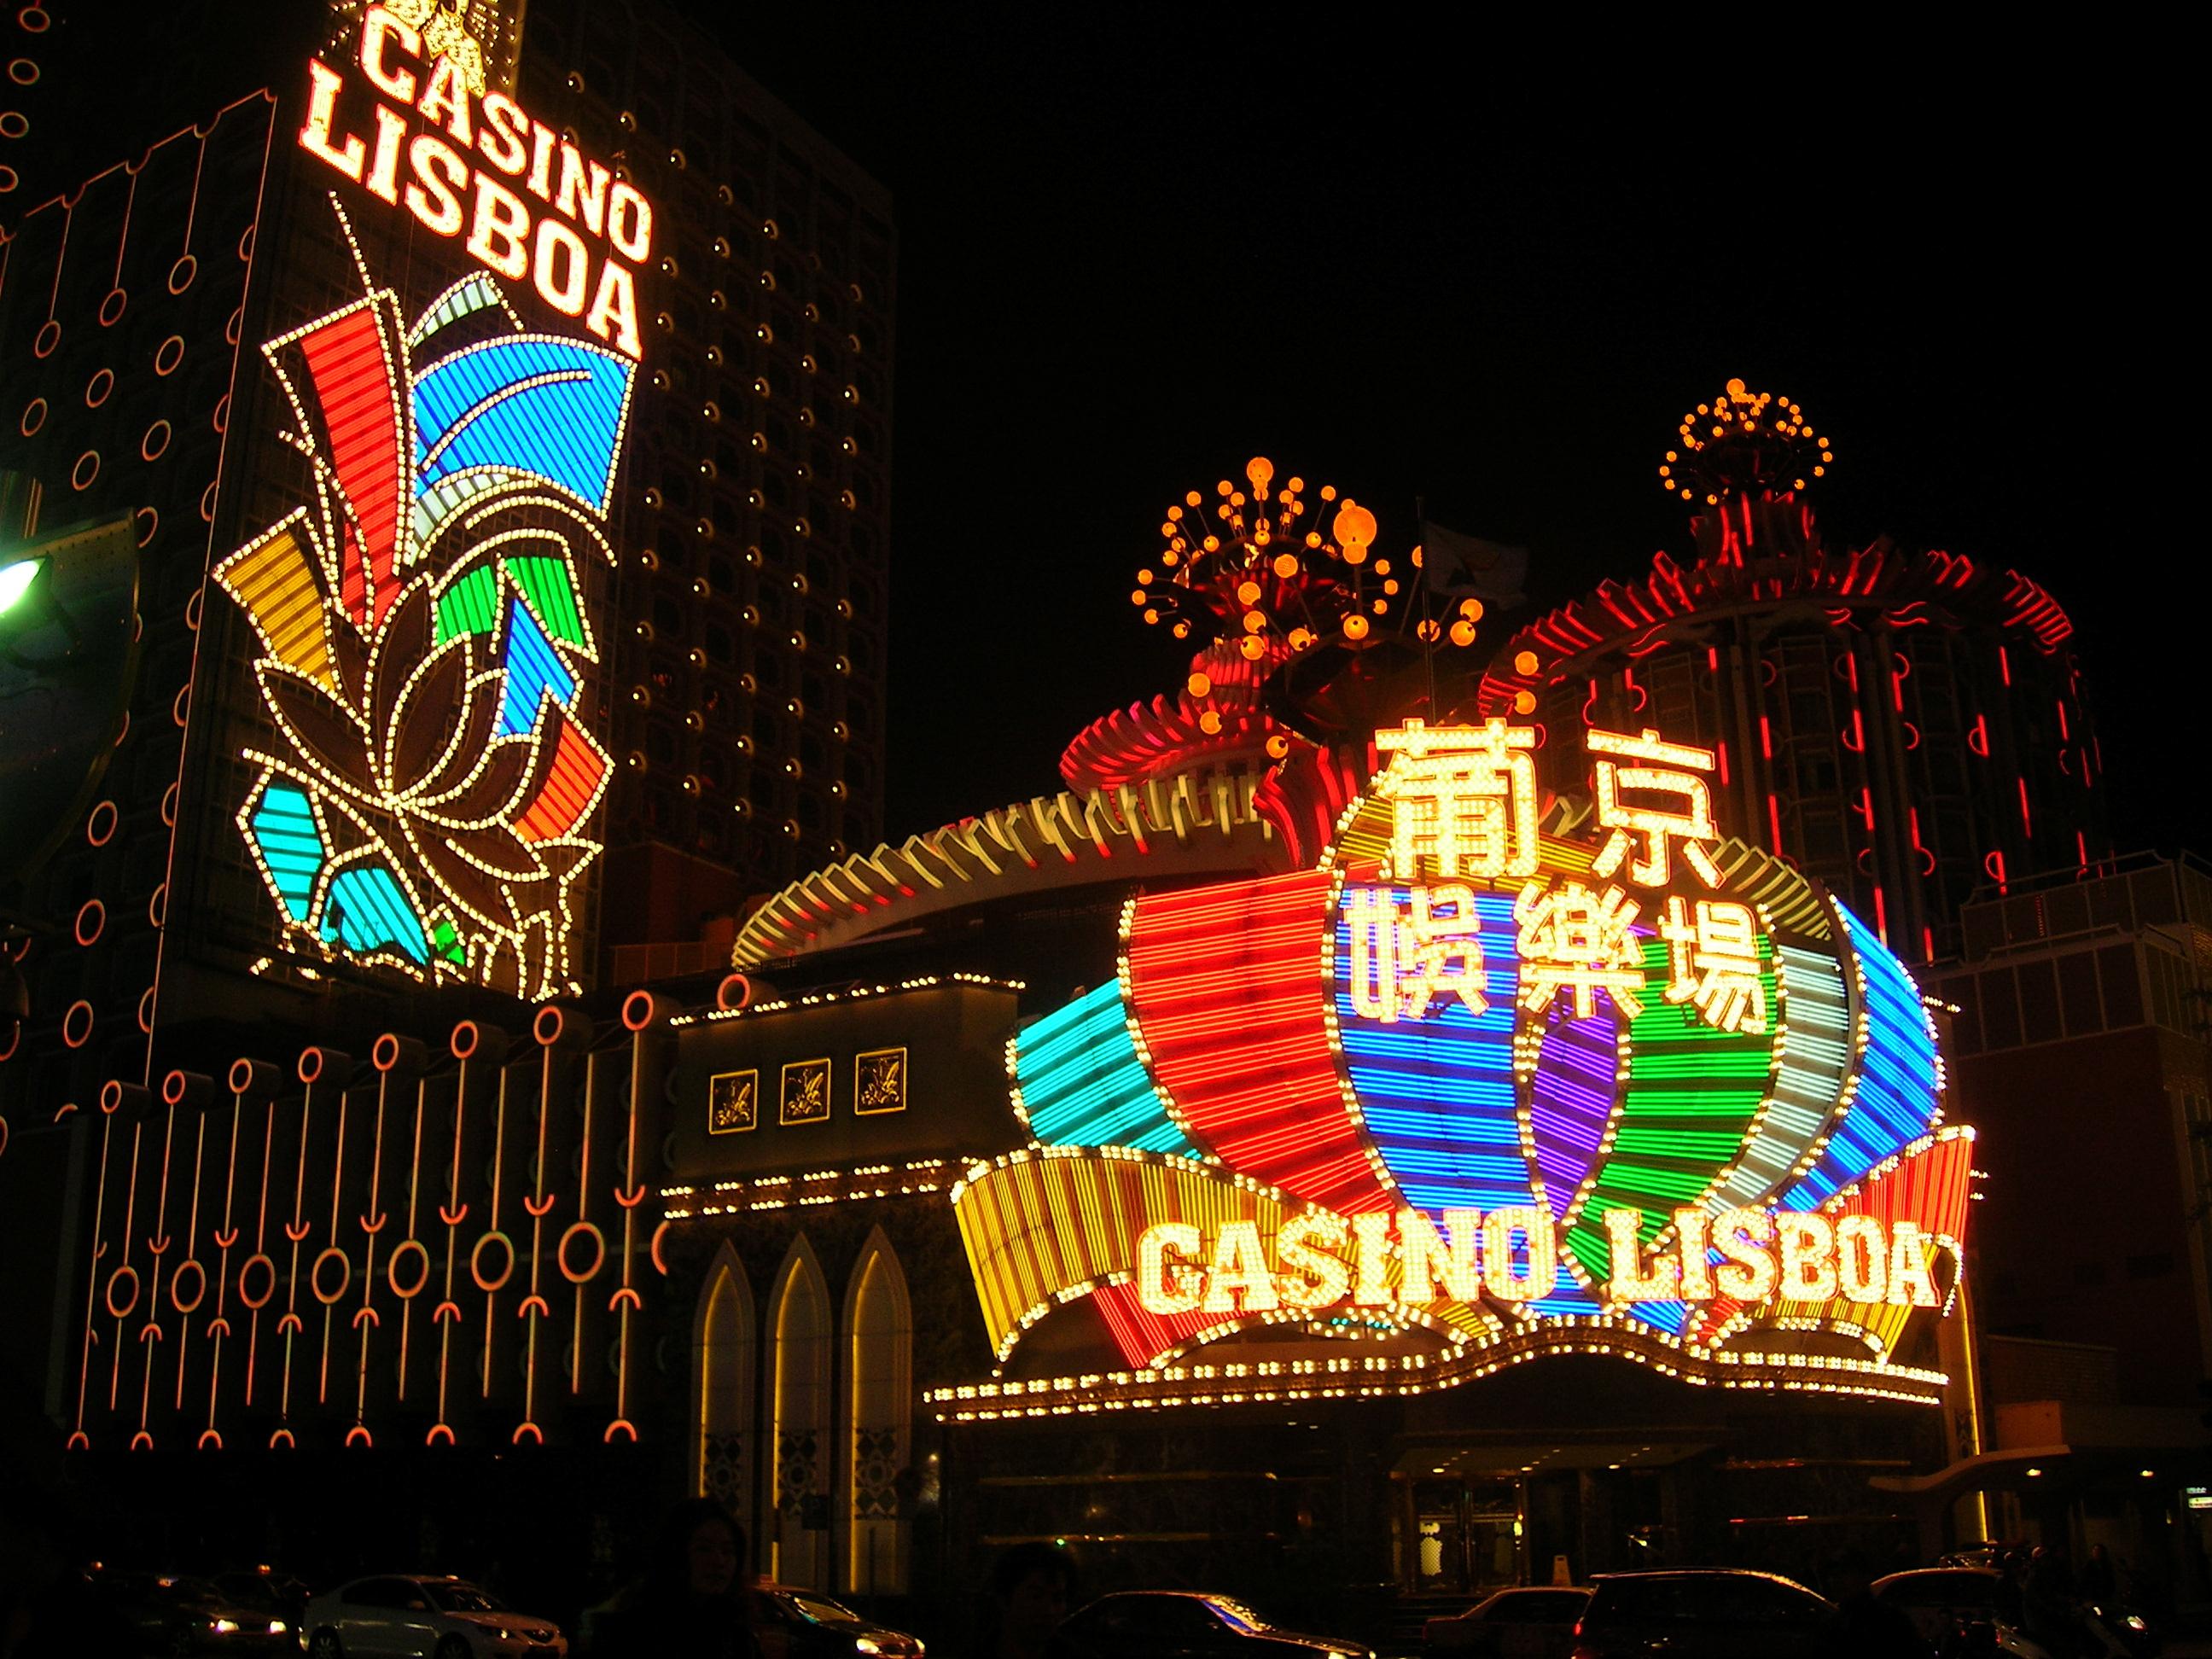 Игровые автоматы в корстоне смотреть казино рояль онлайн бесплатно в хорошем качестве hd 720